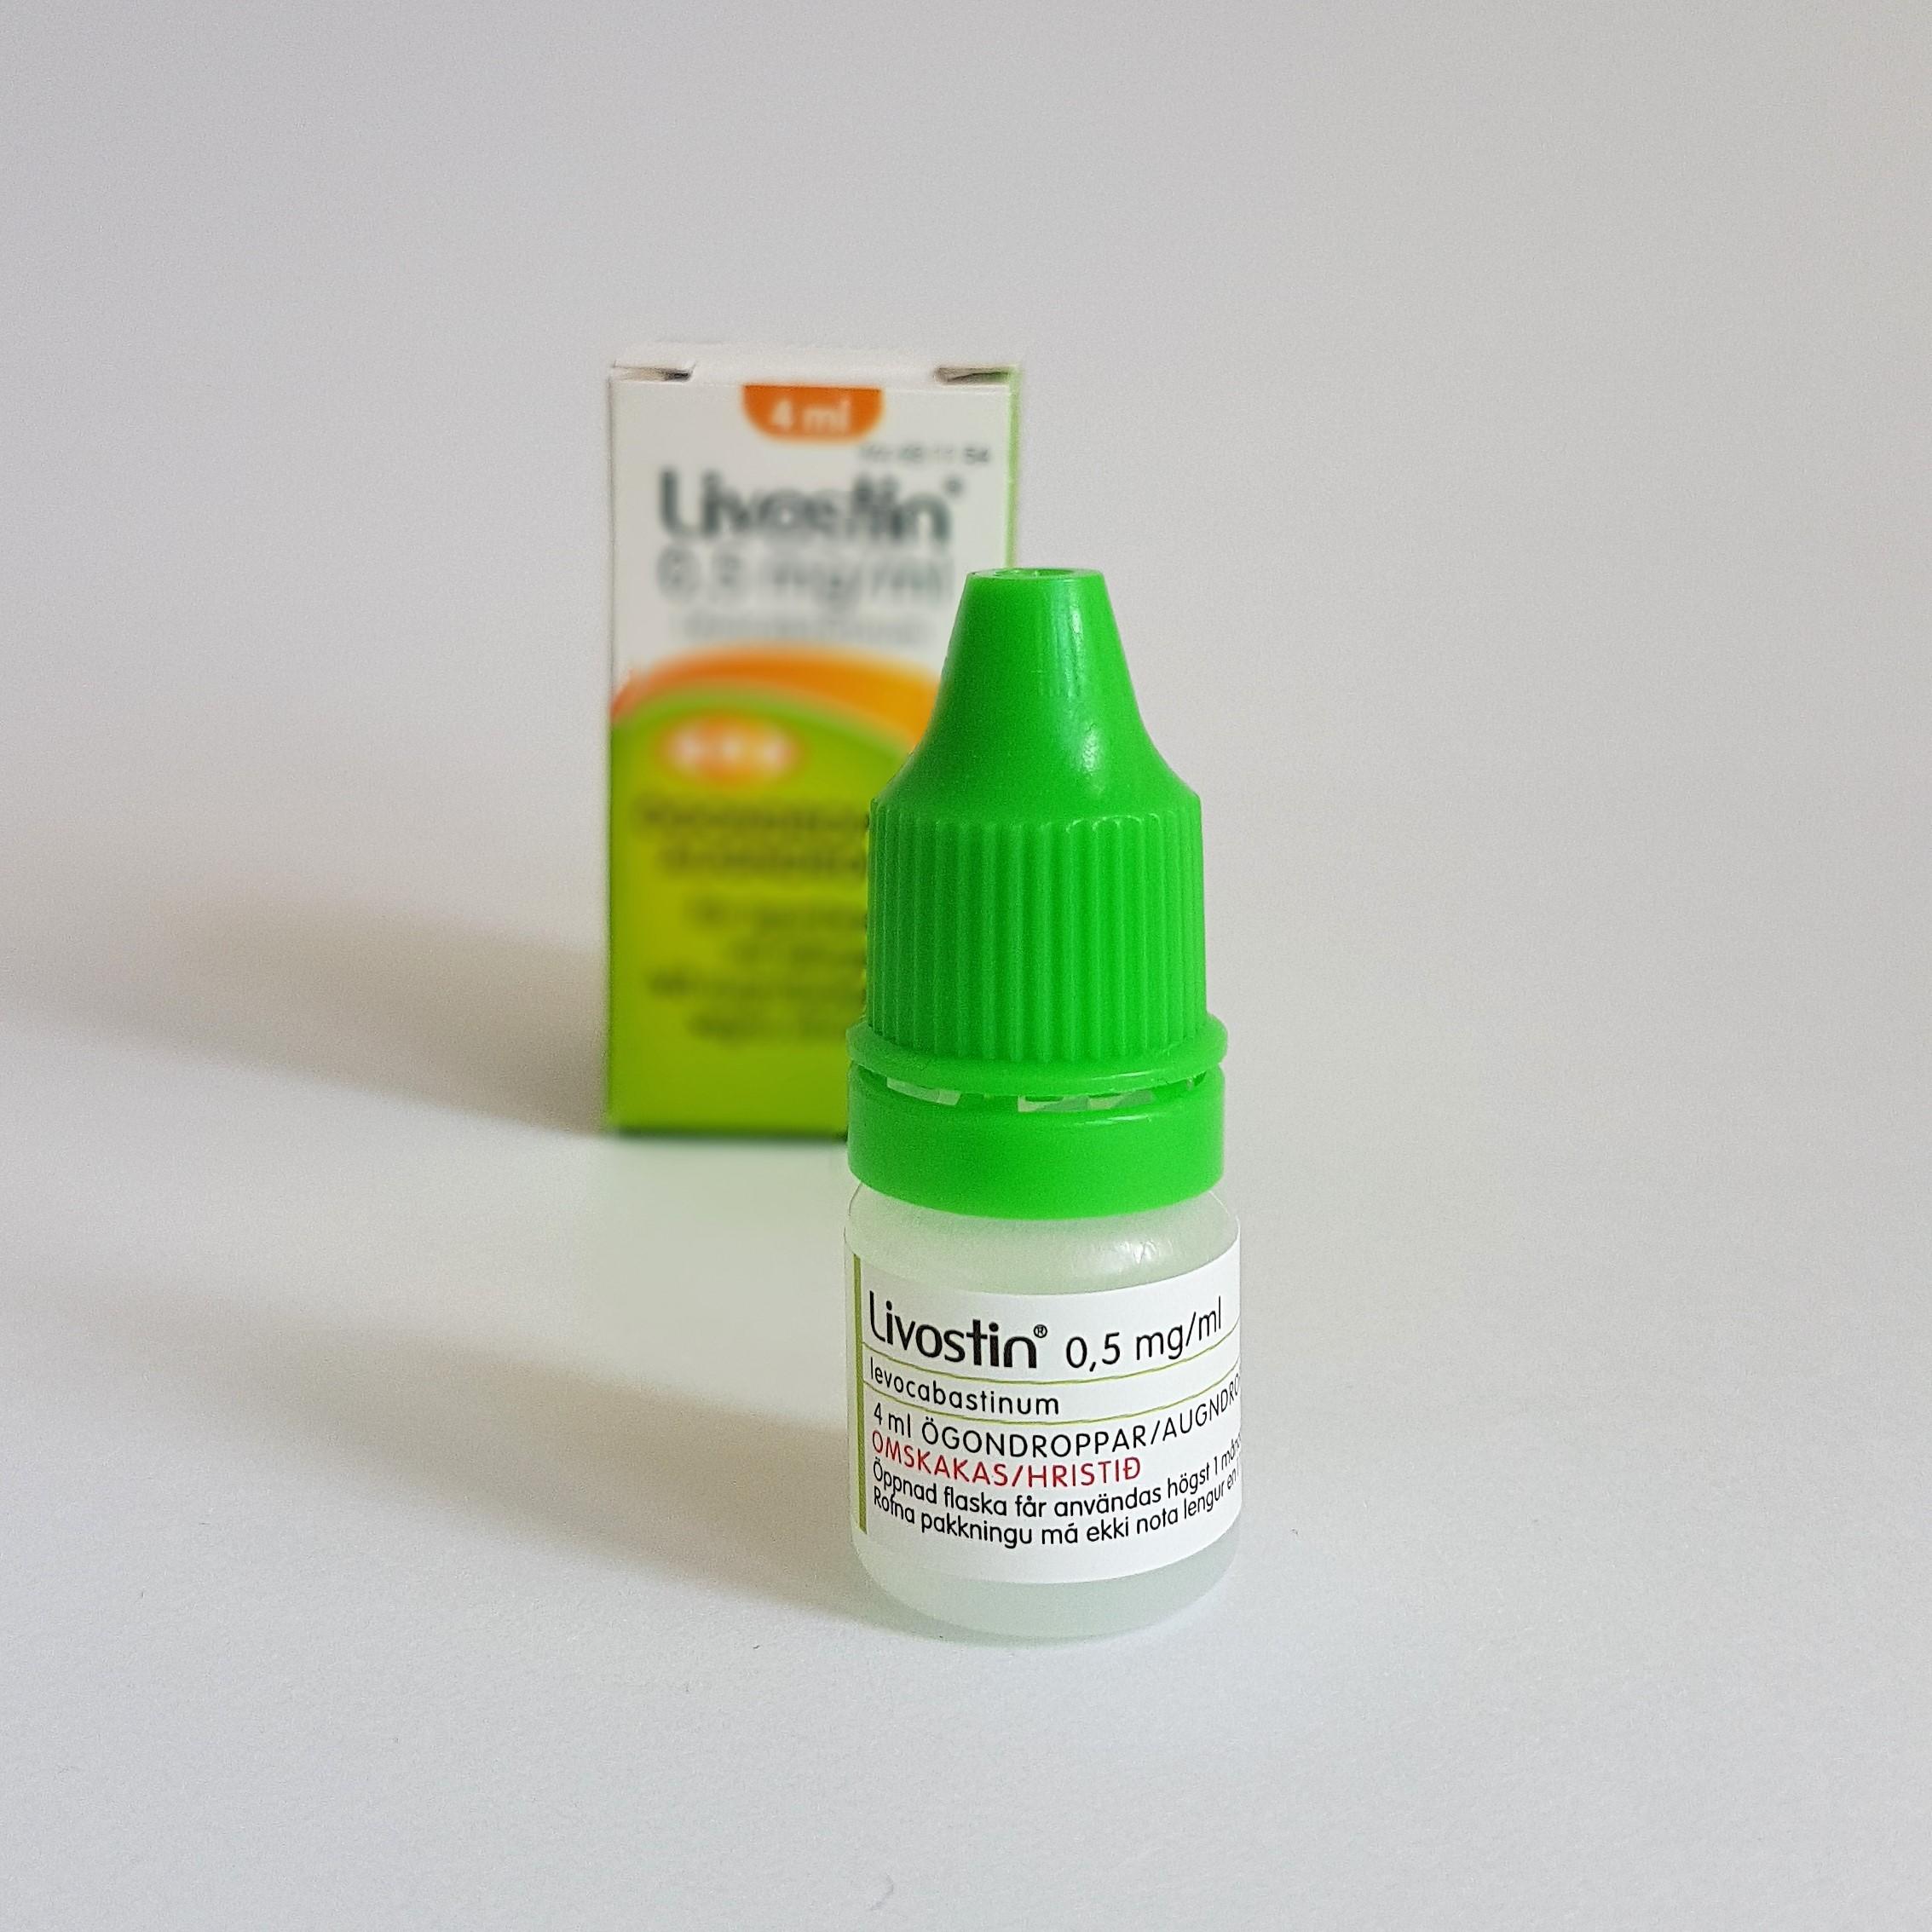 livostin ögondroppar dosering